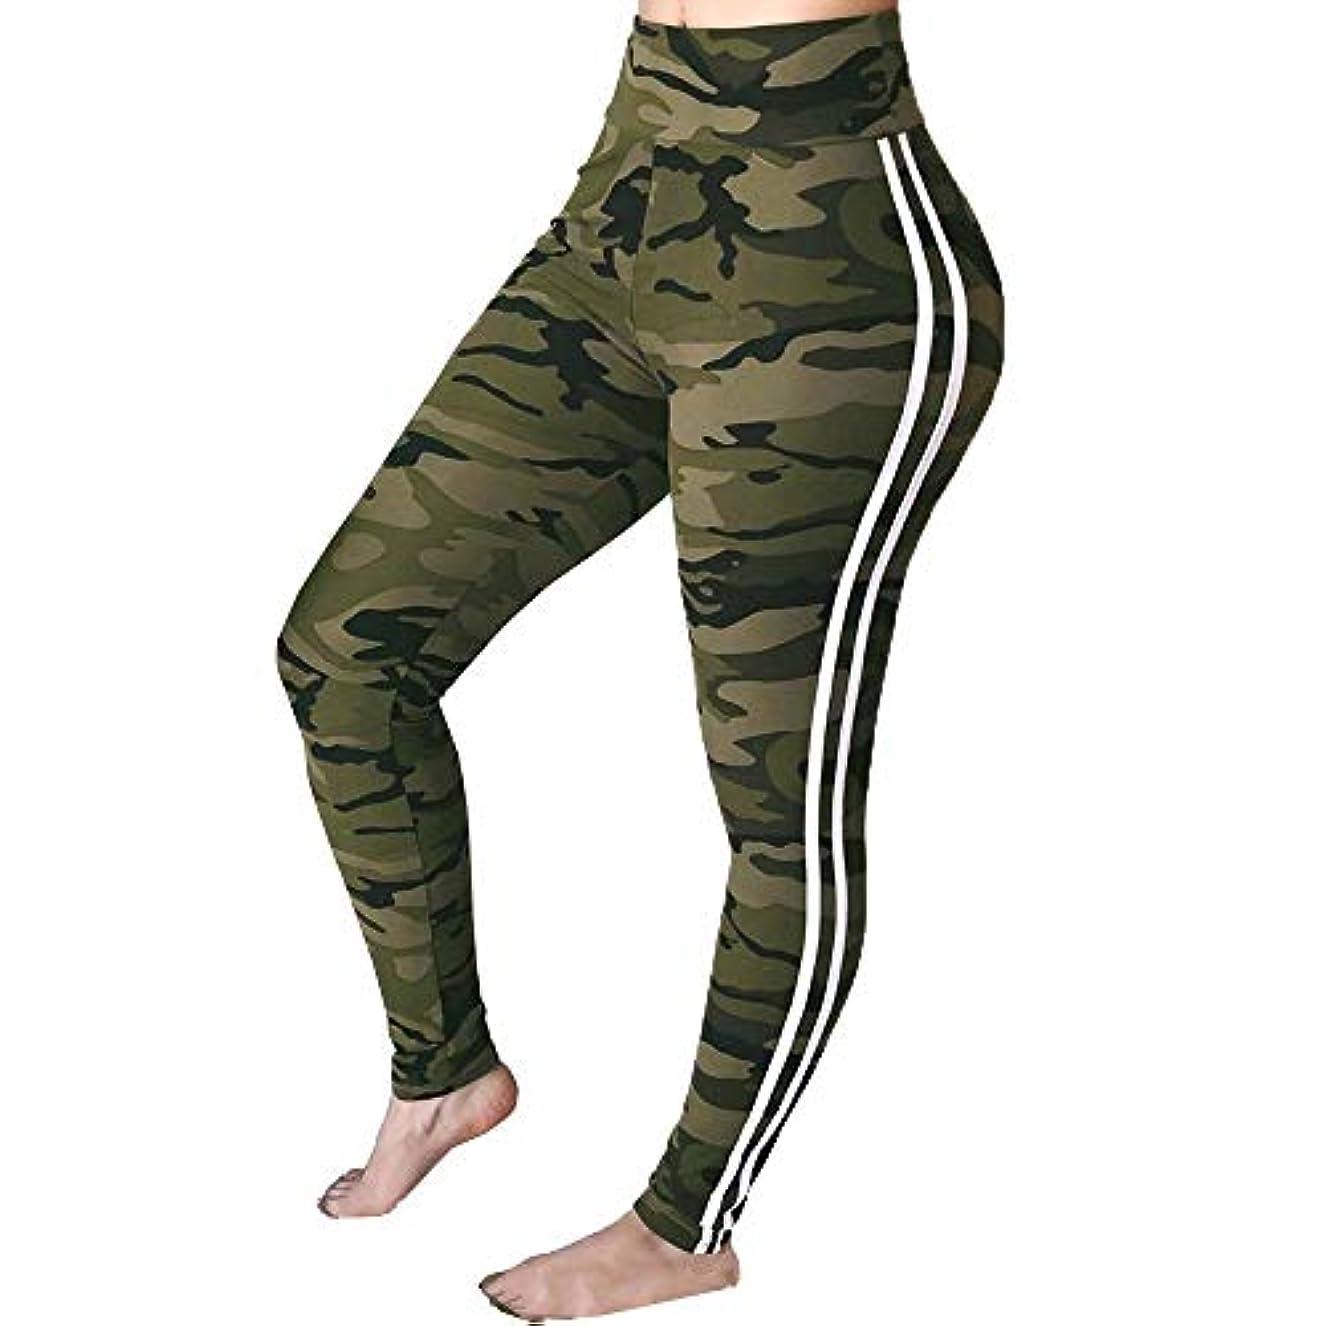 価値しなやかな億MIFAN 女性パンツ、ロングパンツ、ハイウエストパンツ、スポーツパンツ、スキニーパンツ、ヨガパンツ、